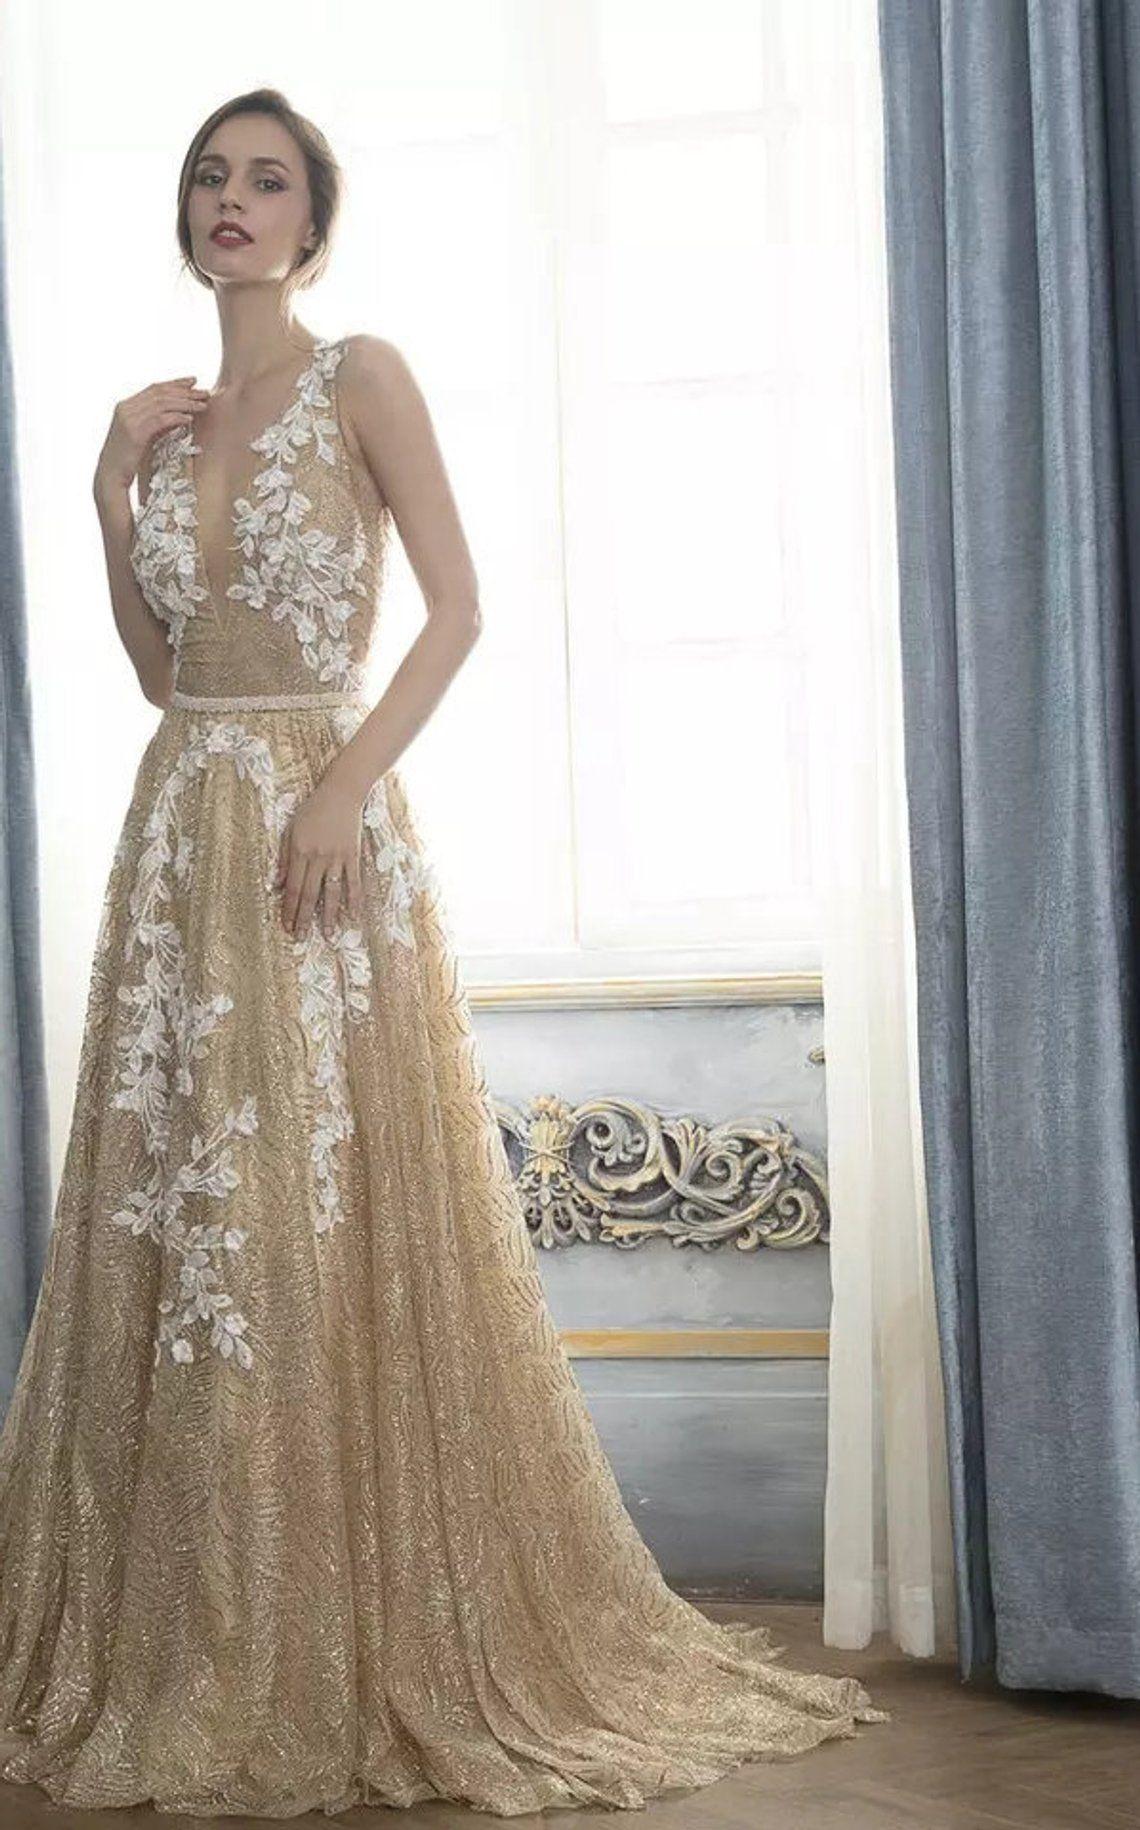 Calliste Bride Gold Boho Wedding Dress Boho Dress Luxury Etsy